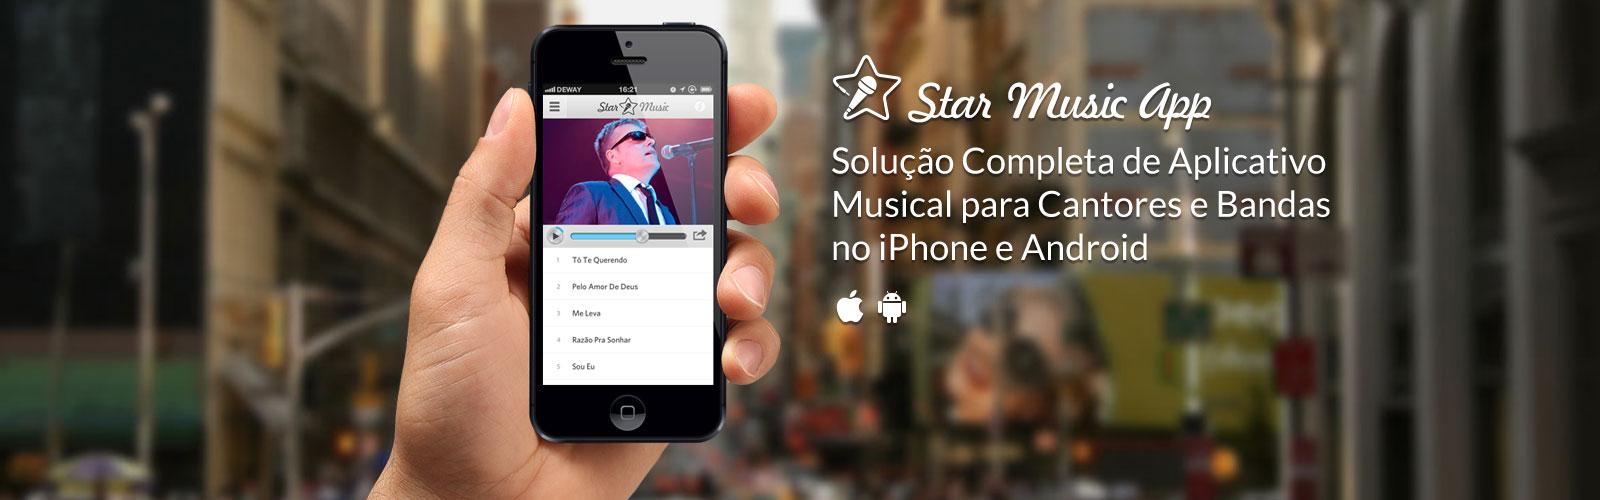 aplicativo-solucao-completa-para-cantores-e-bandas-de-musica-no-iphone-e-android